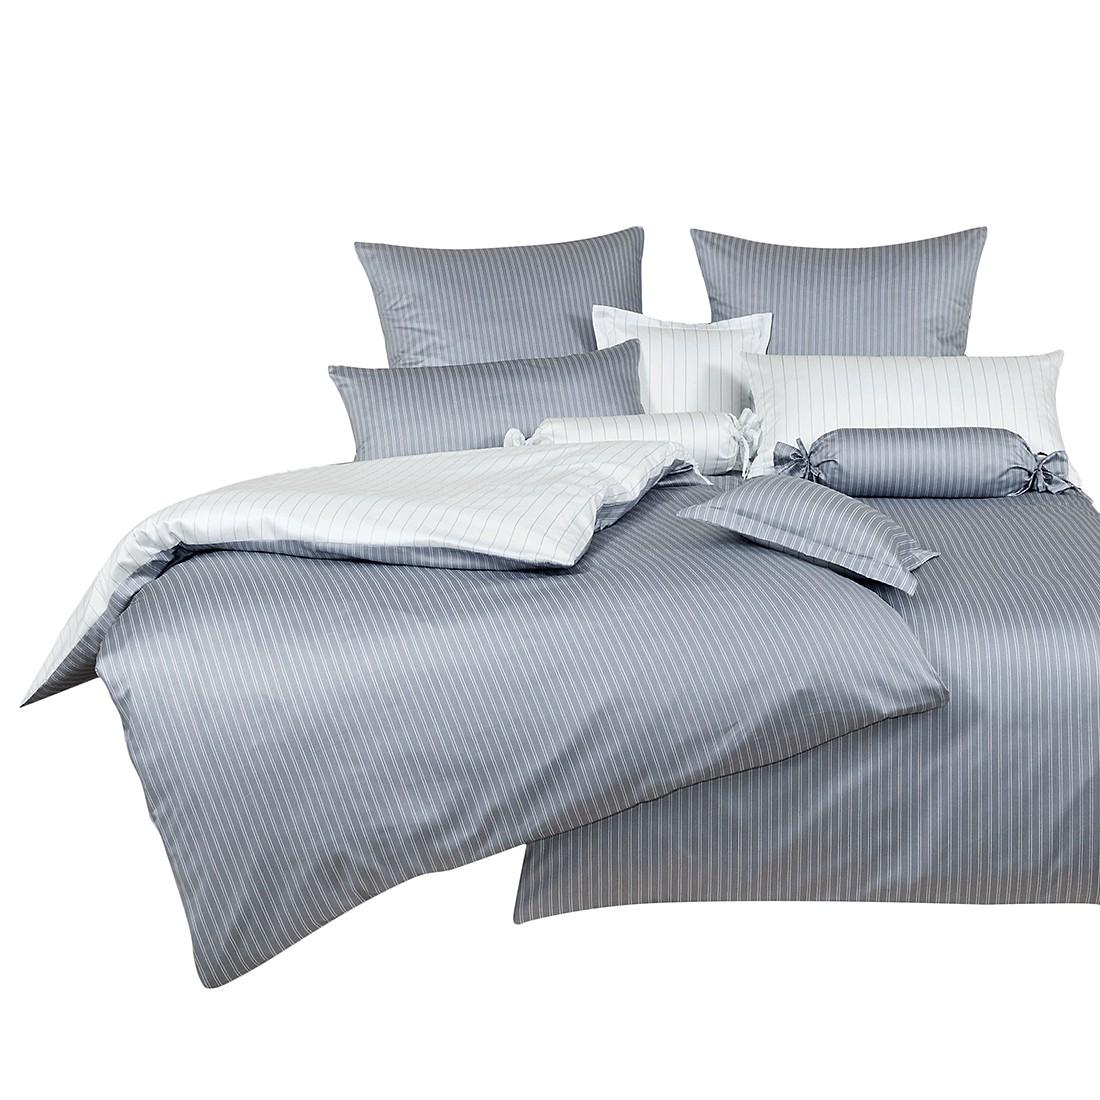 Weiße Bettwäsche 200x200 Kopfkissen Mit Federkern Kleiderschränke